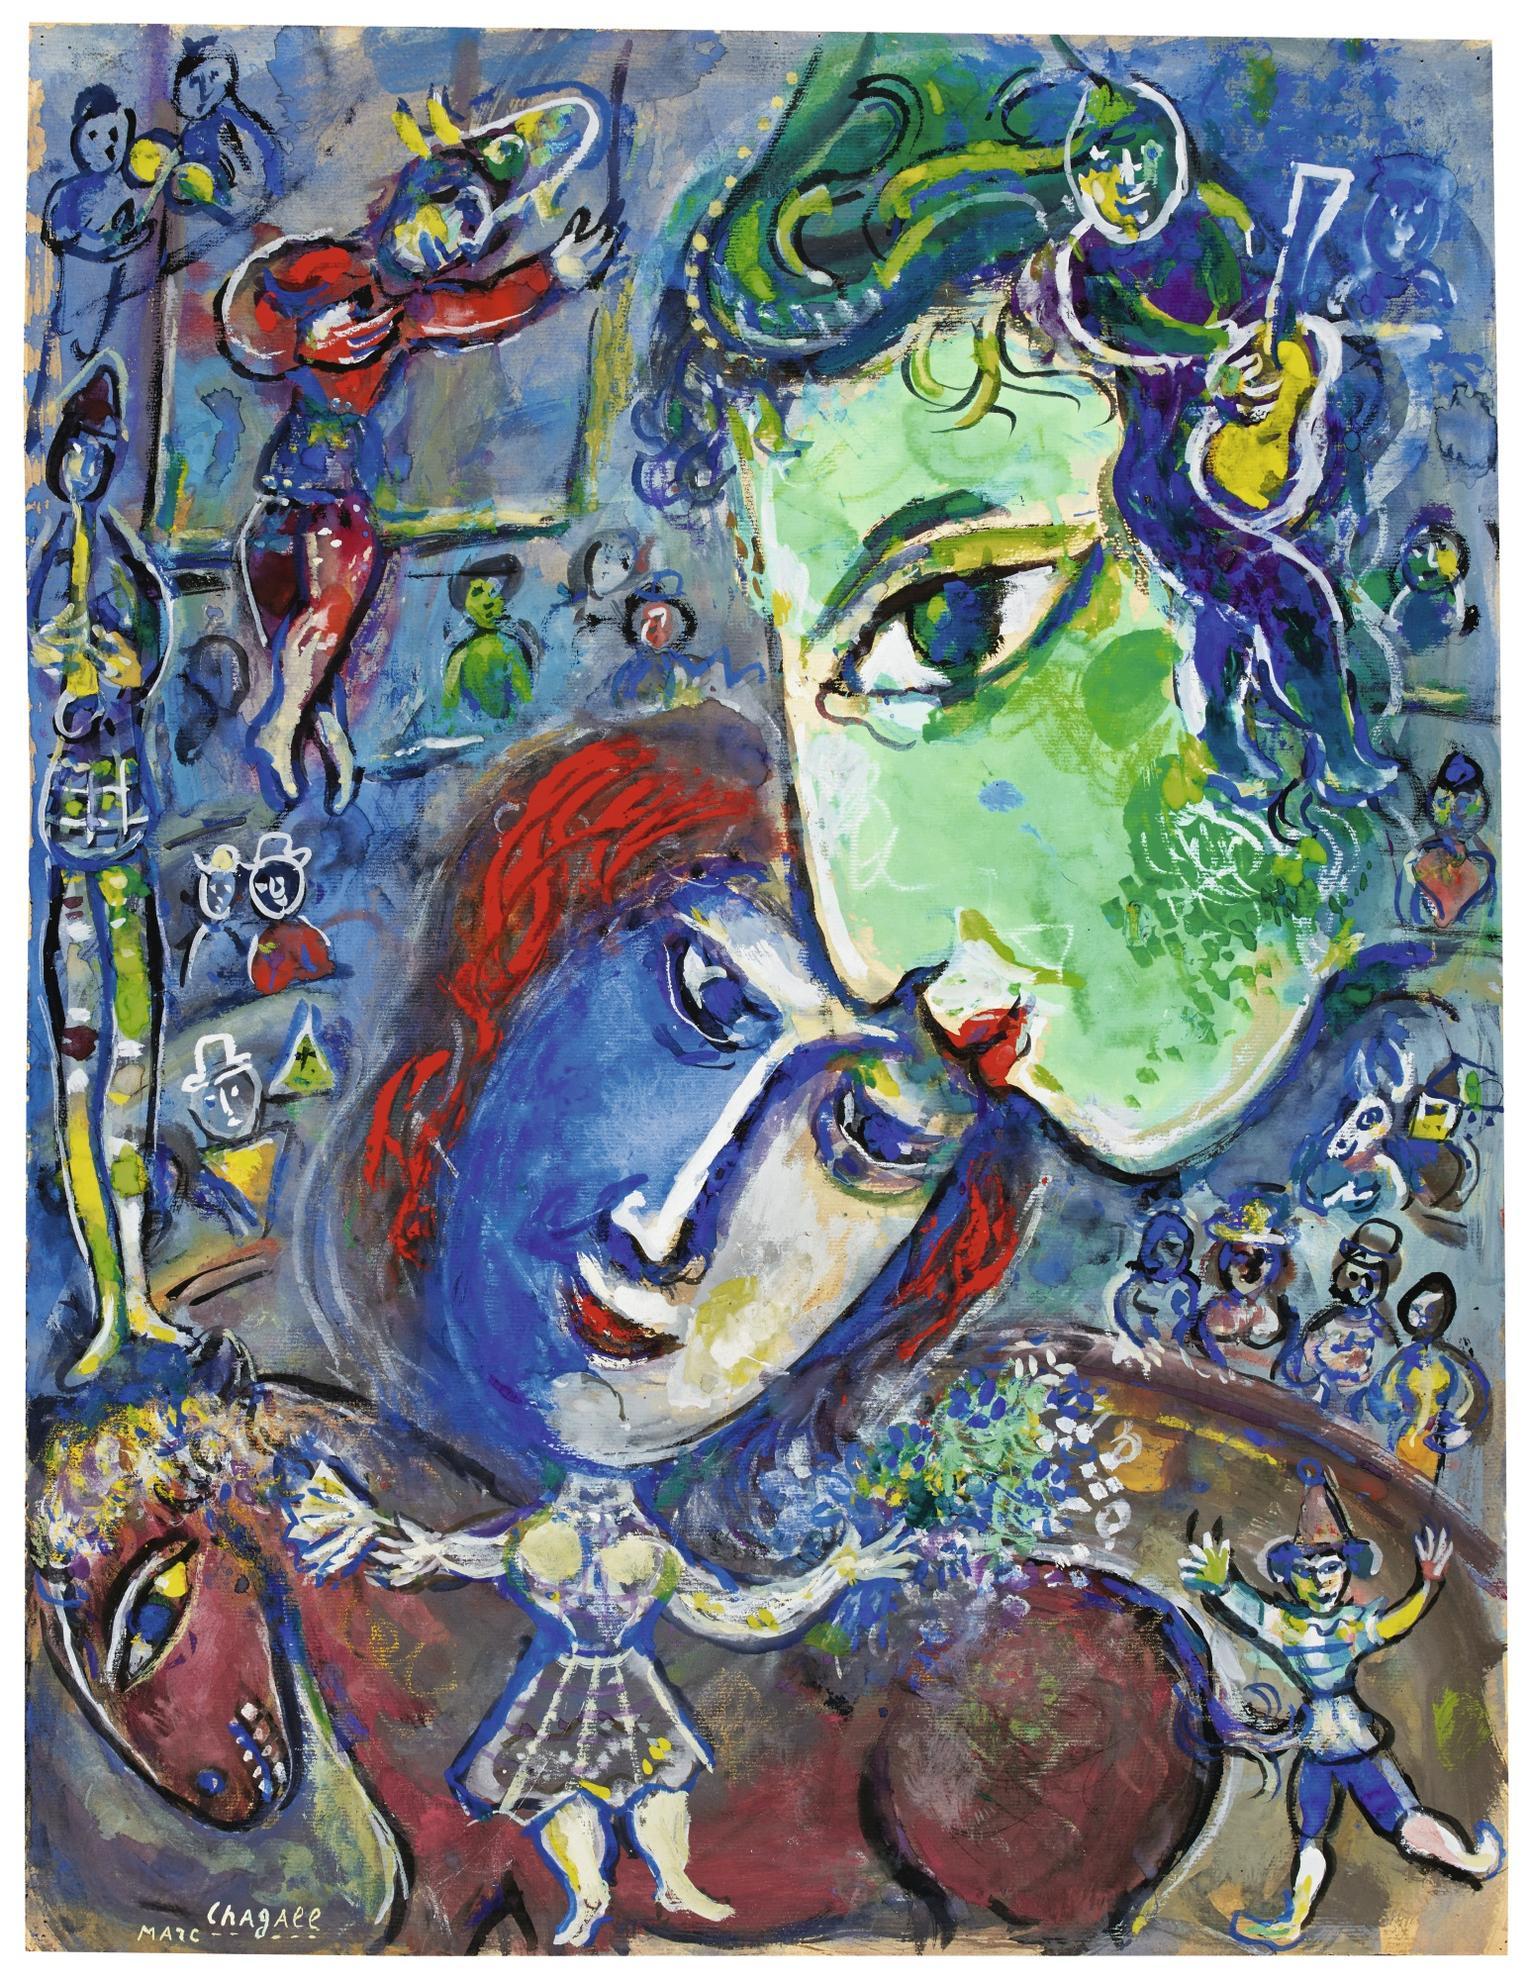 Marc Chagall-Le Cirque Or Les Deux Grands Visages Vert Et Bleu Au Cirque-1962